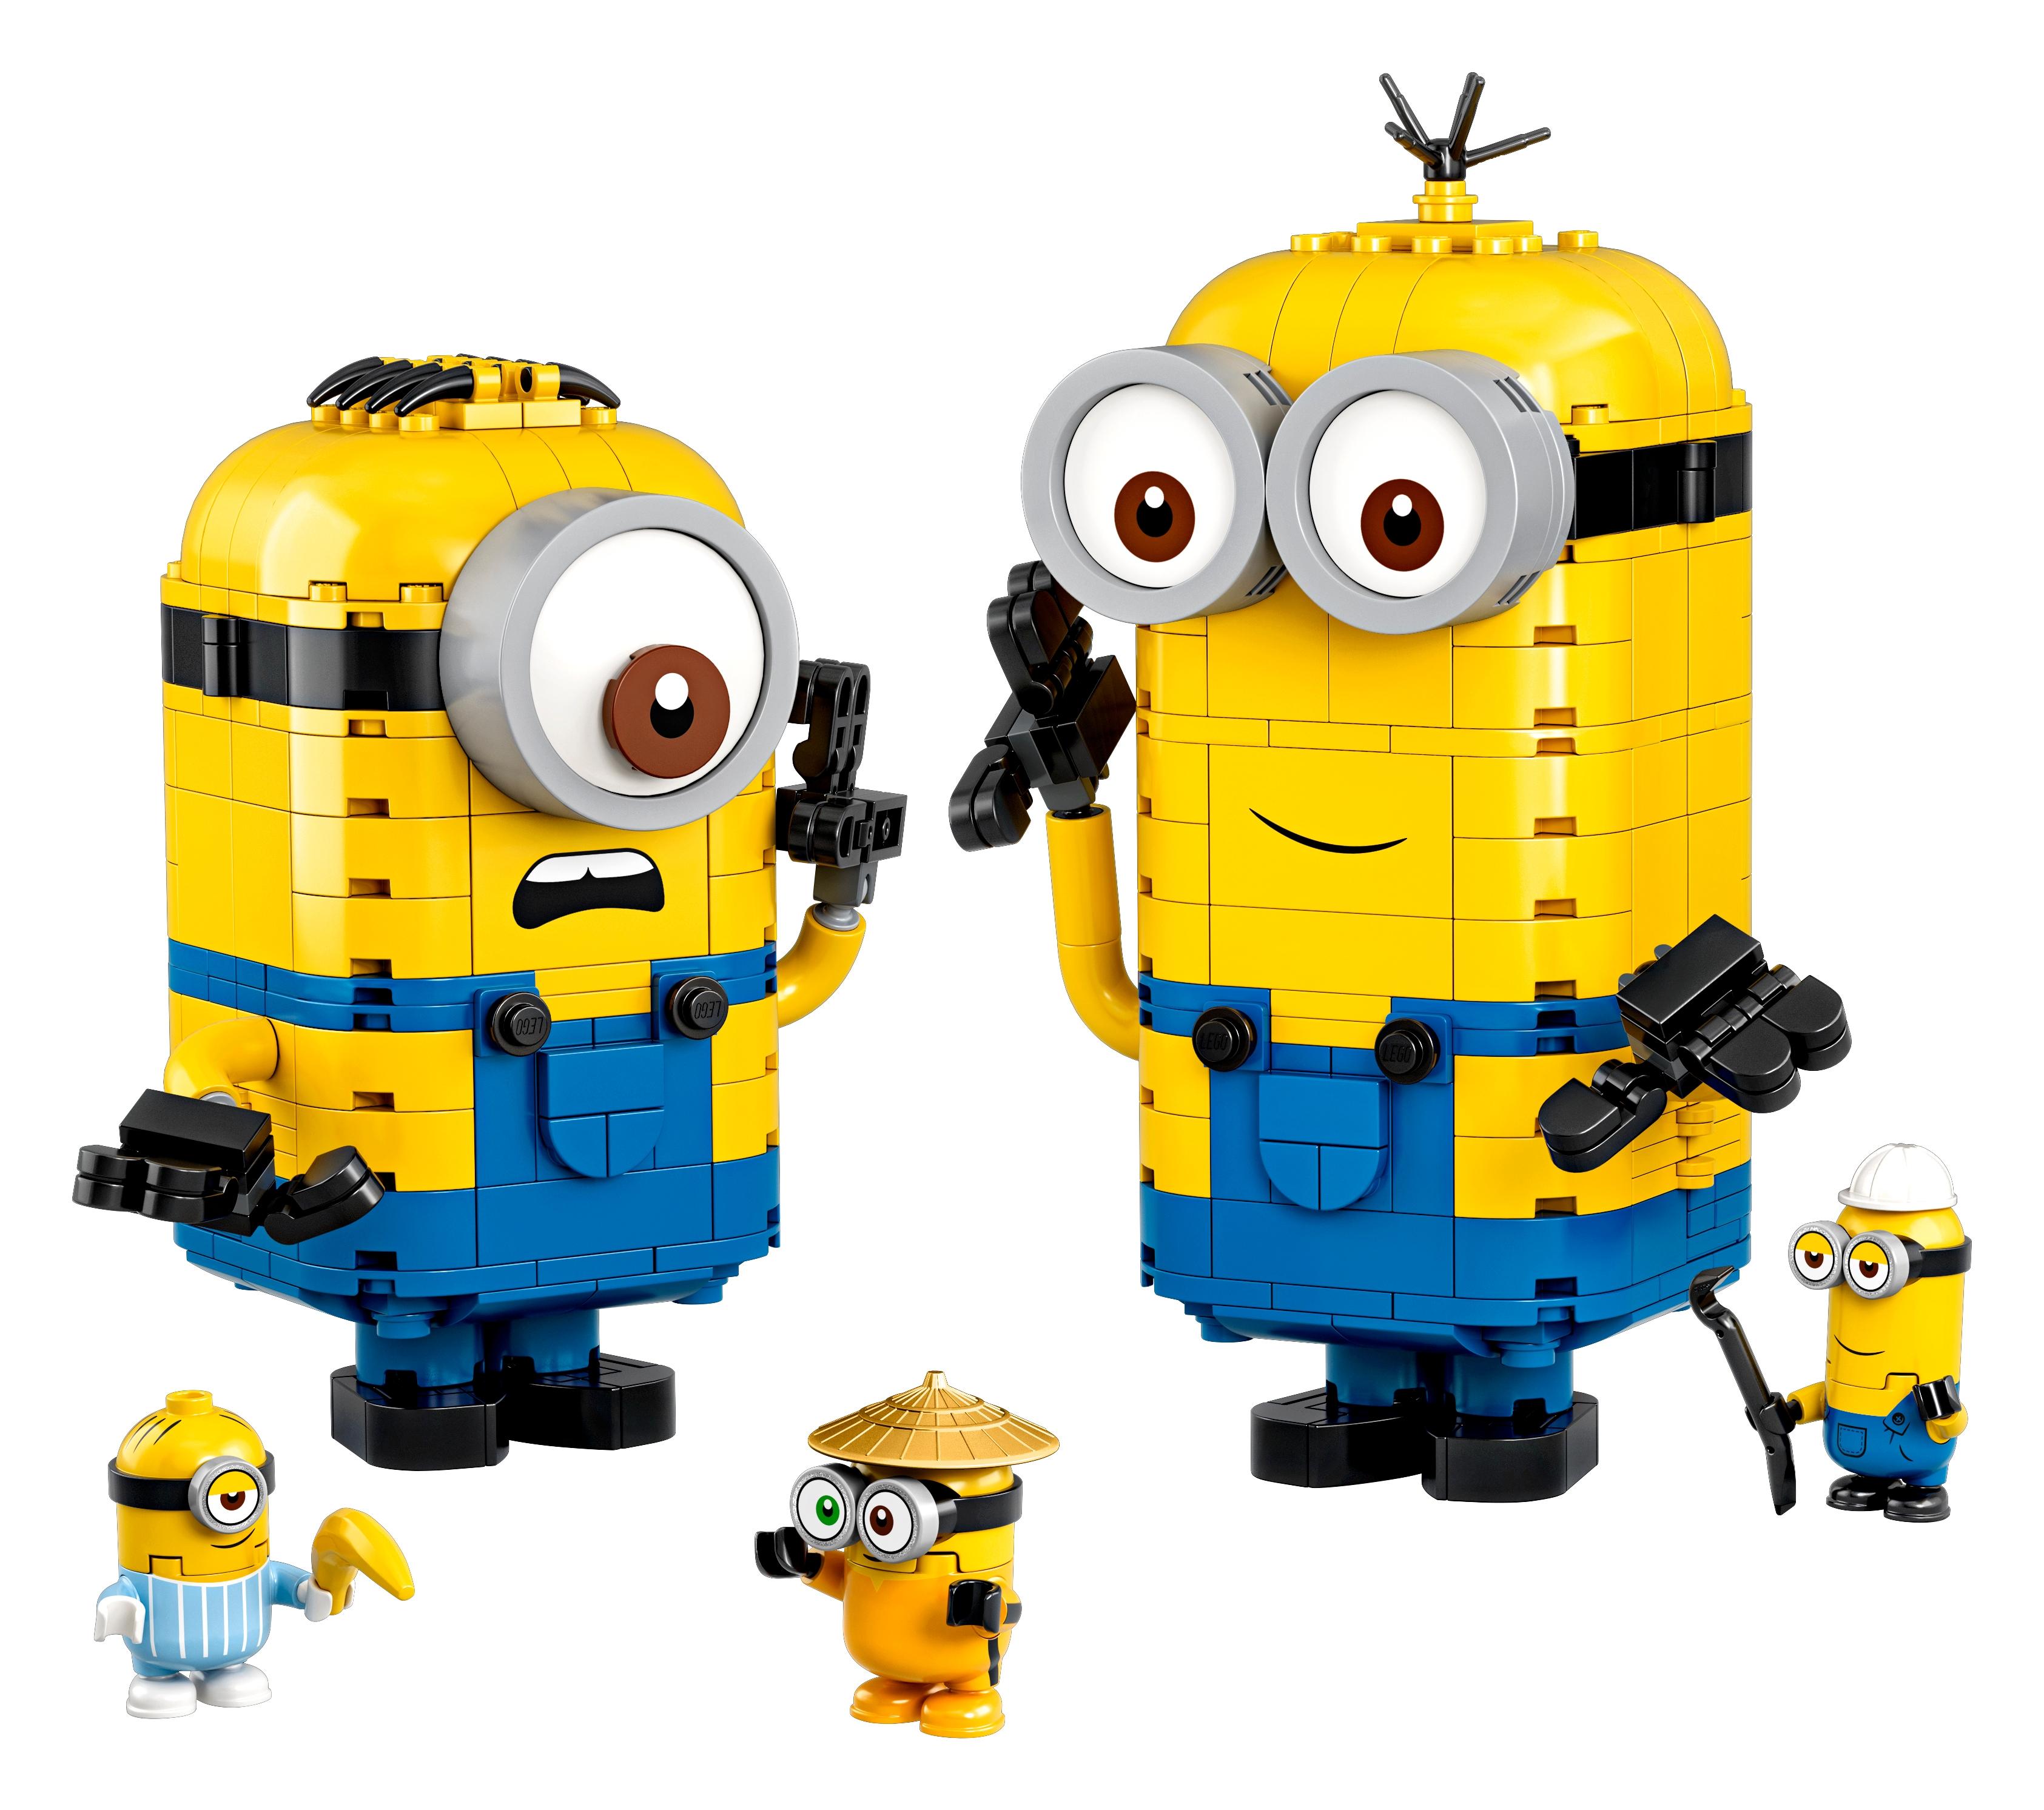 LEGO ® Ninjago ™ personnages 7 pièces chacune avec accessoires et de chapeau